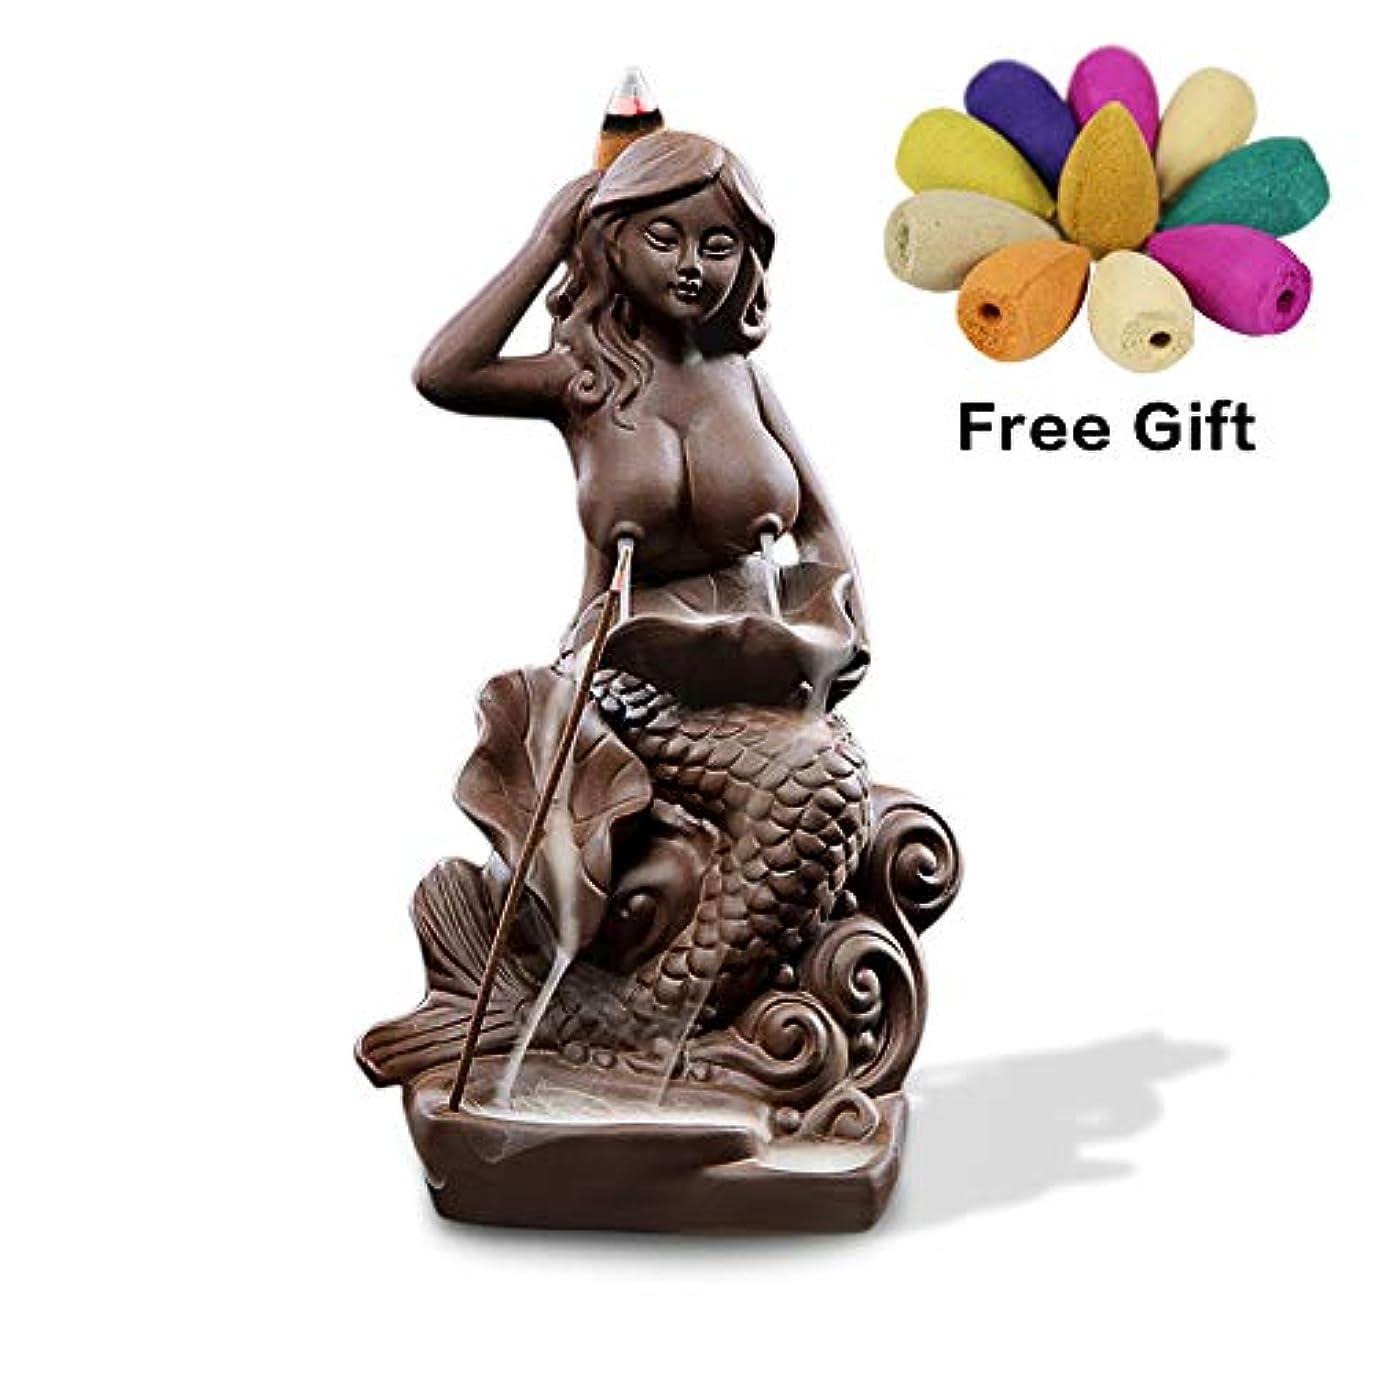 聞きます路面電車嵐の(Style9) - OTOFY Mermaid Ceramic Incense Holder Backflow Incense Burner with 10 Incense Cones Artwork Home Decor...